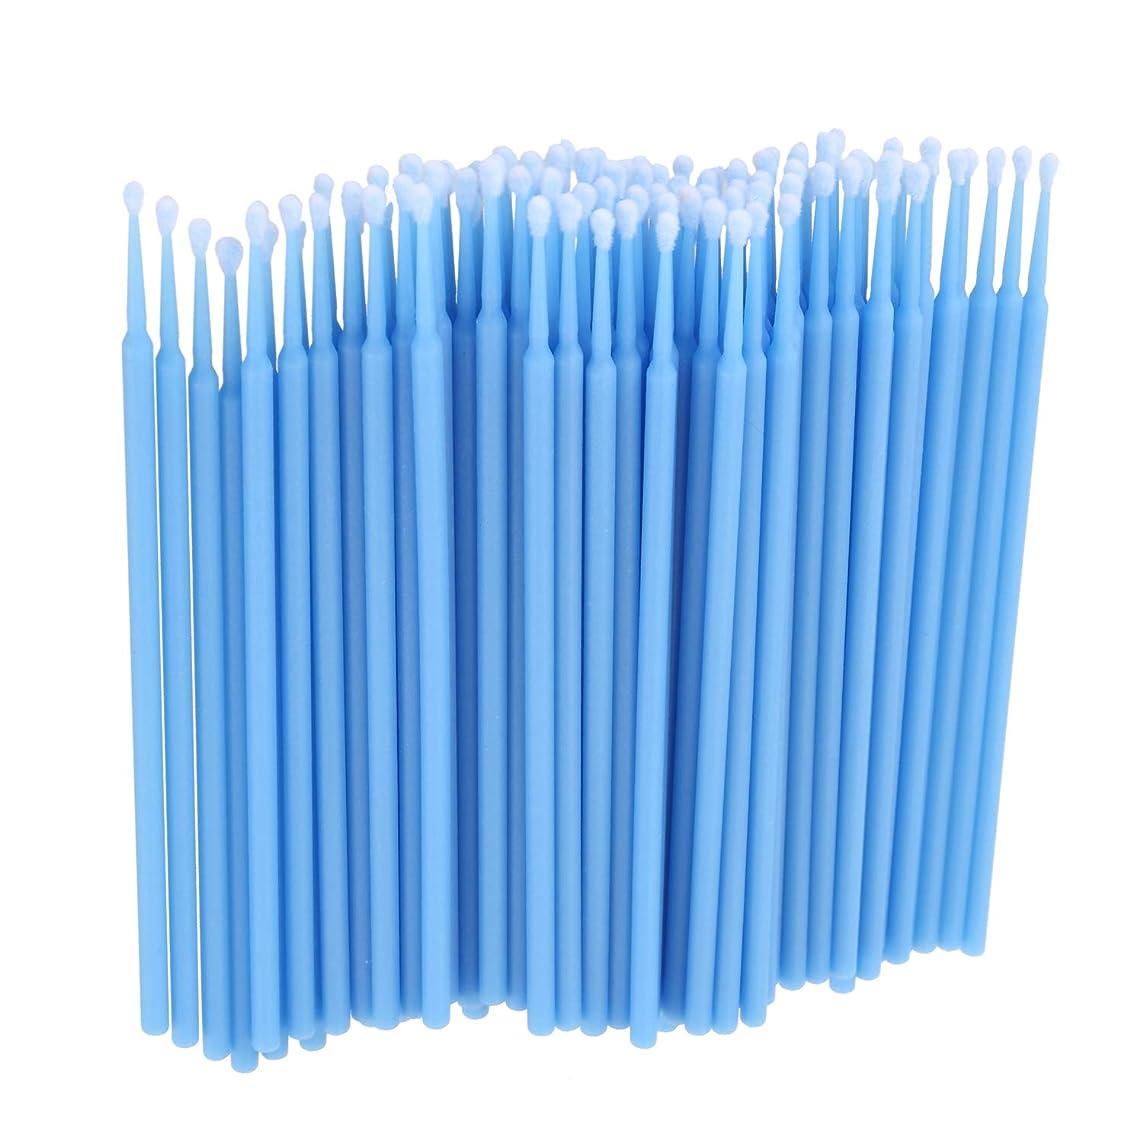 豊かな過半数哺乳類TOOGOO 100個 歯科用マイクロブラシ 使い捨て材料 歯用アプリケーター ミディアムファイン(ライトブルー)